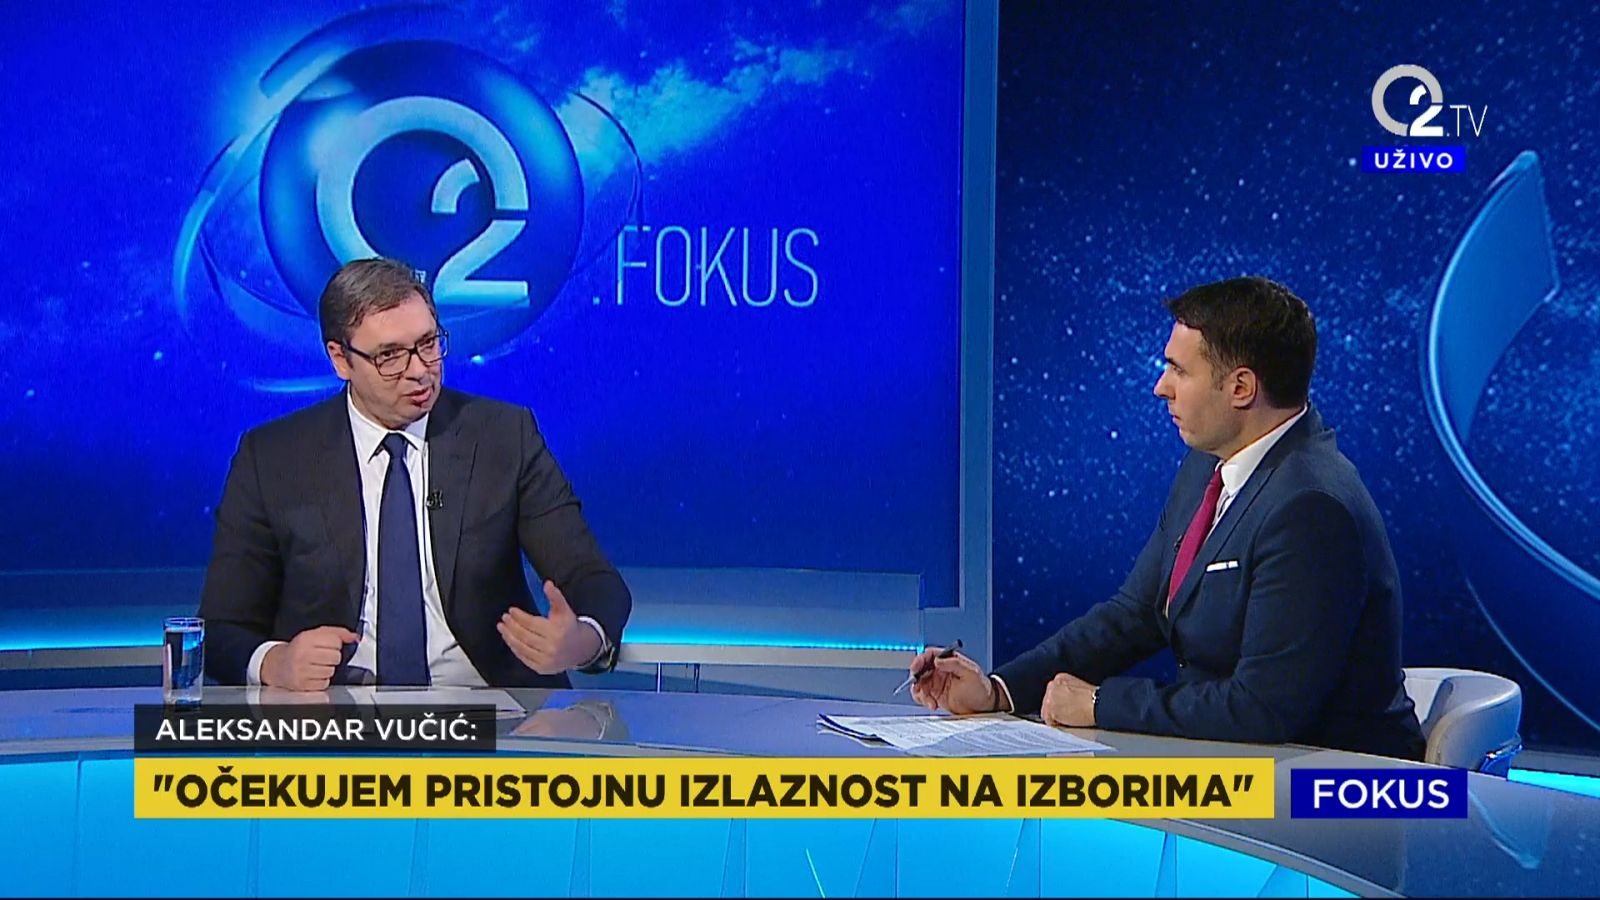 Predsednik Aleksandar Vucic o izlaznosti na buducim izborima.